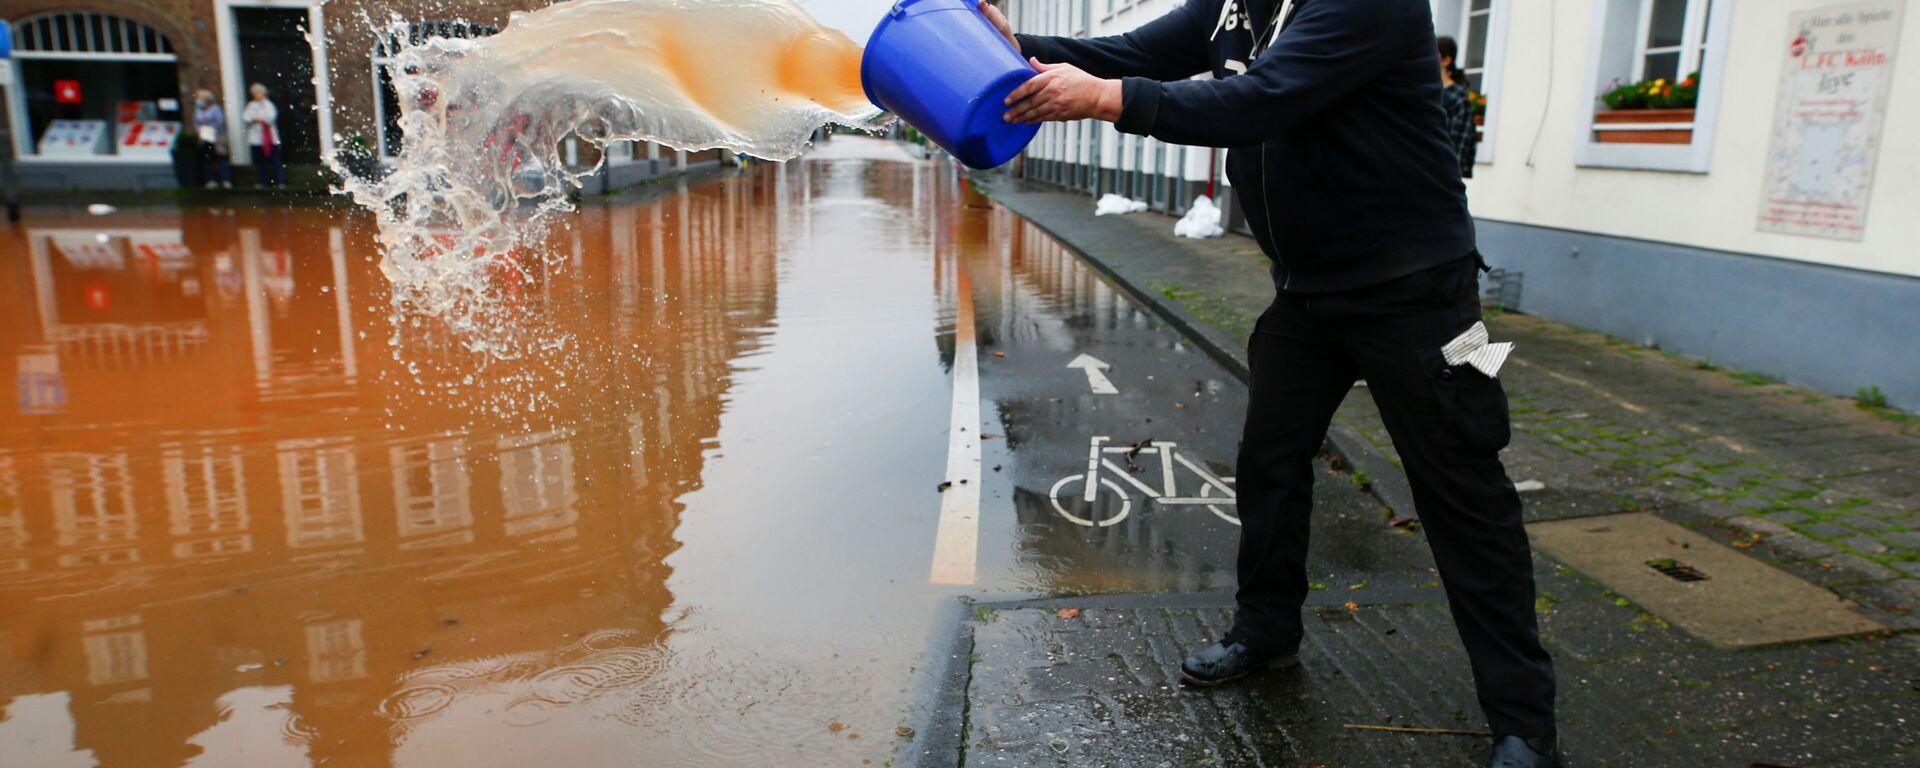 Последствия вызванного сильными дождями наводнения в Эрфтштадте, Германия - Sputnik Polska, 1920, 18.07.2021